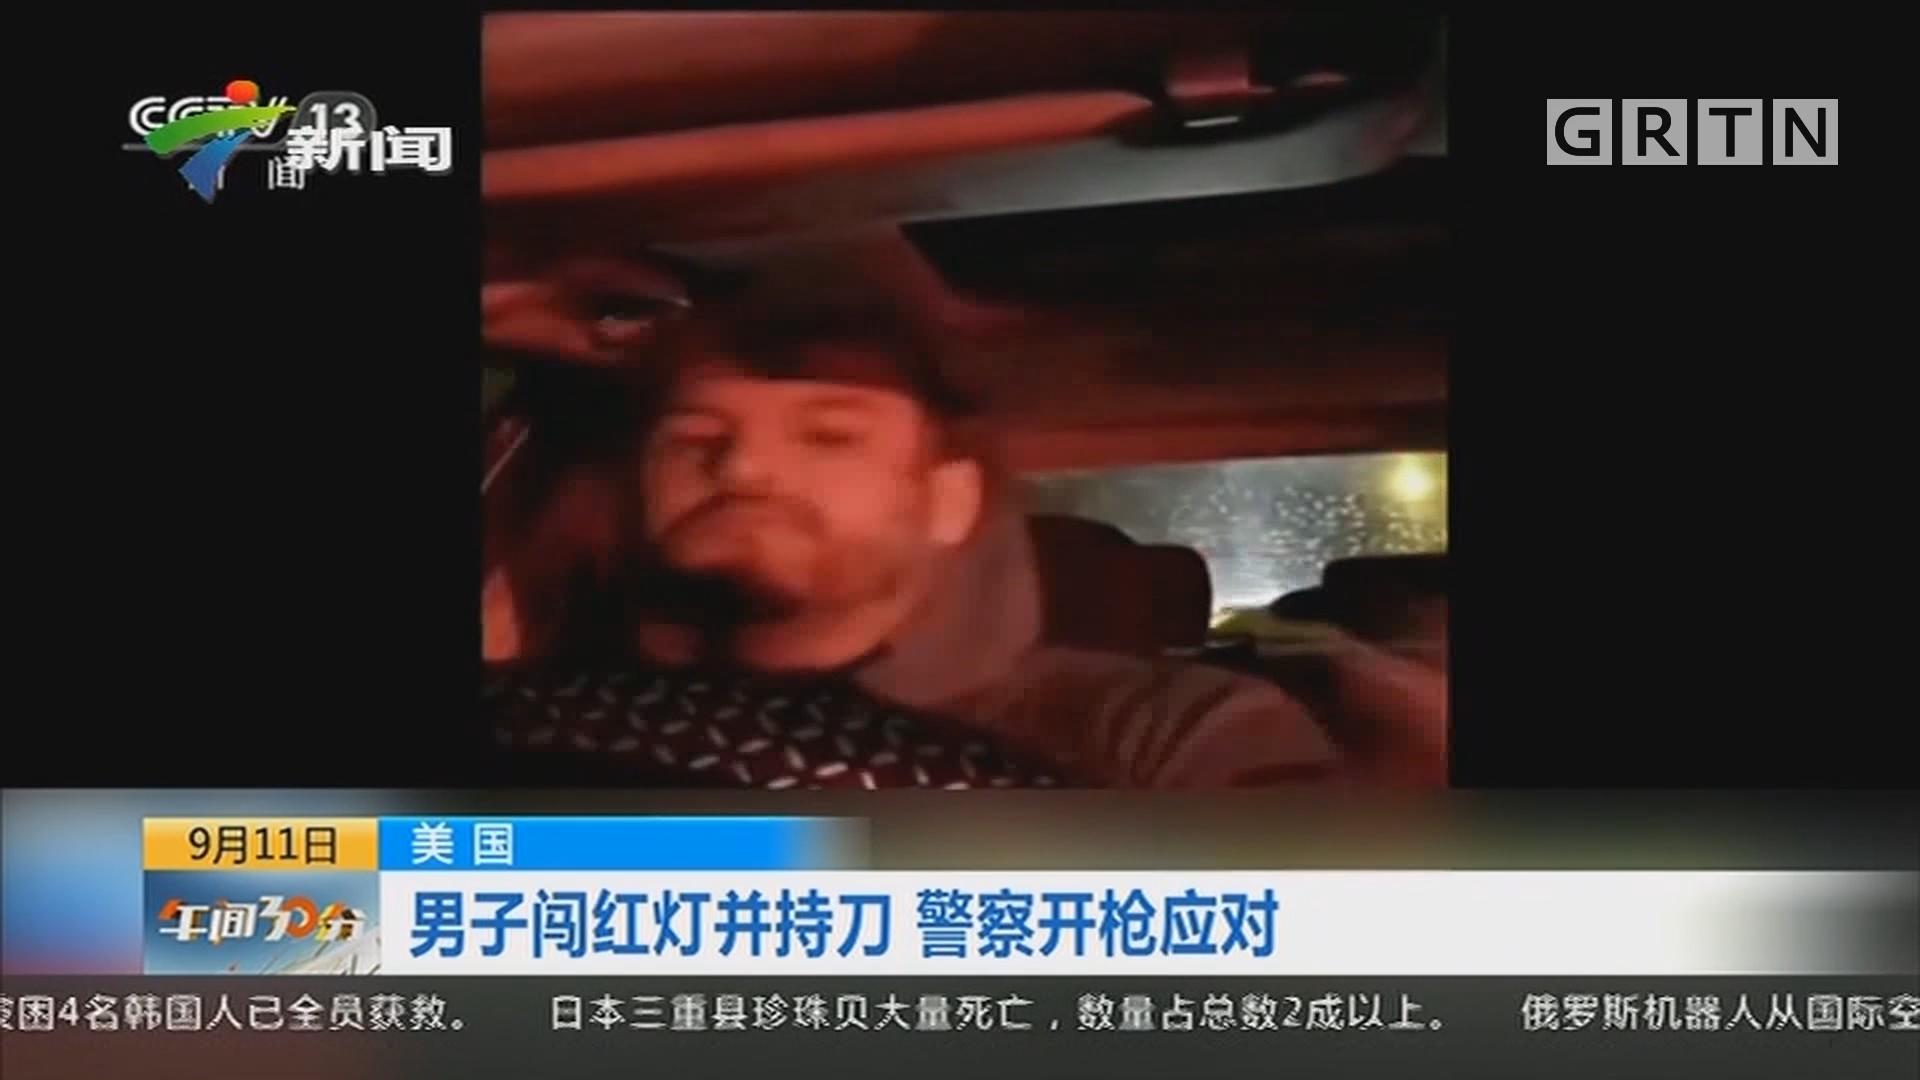 美国:男子闯红灯并持刀 警察开枪应对